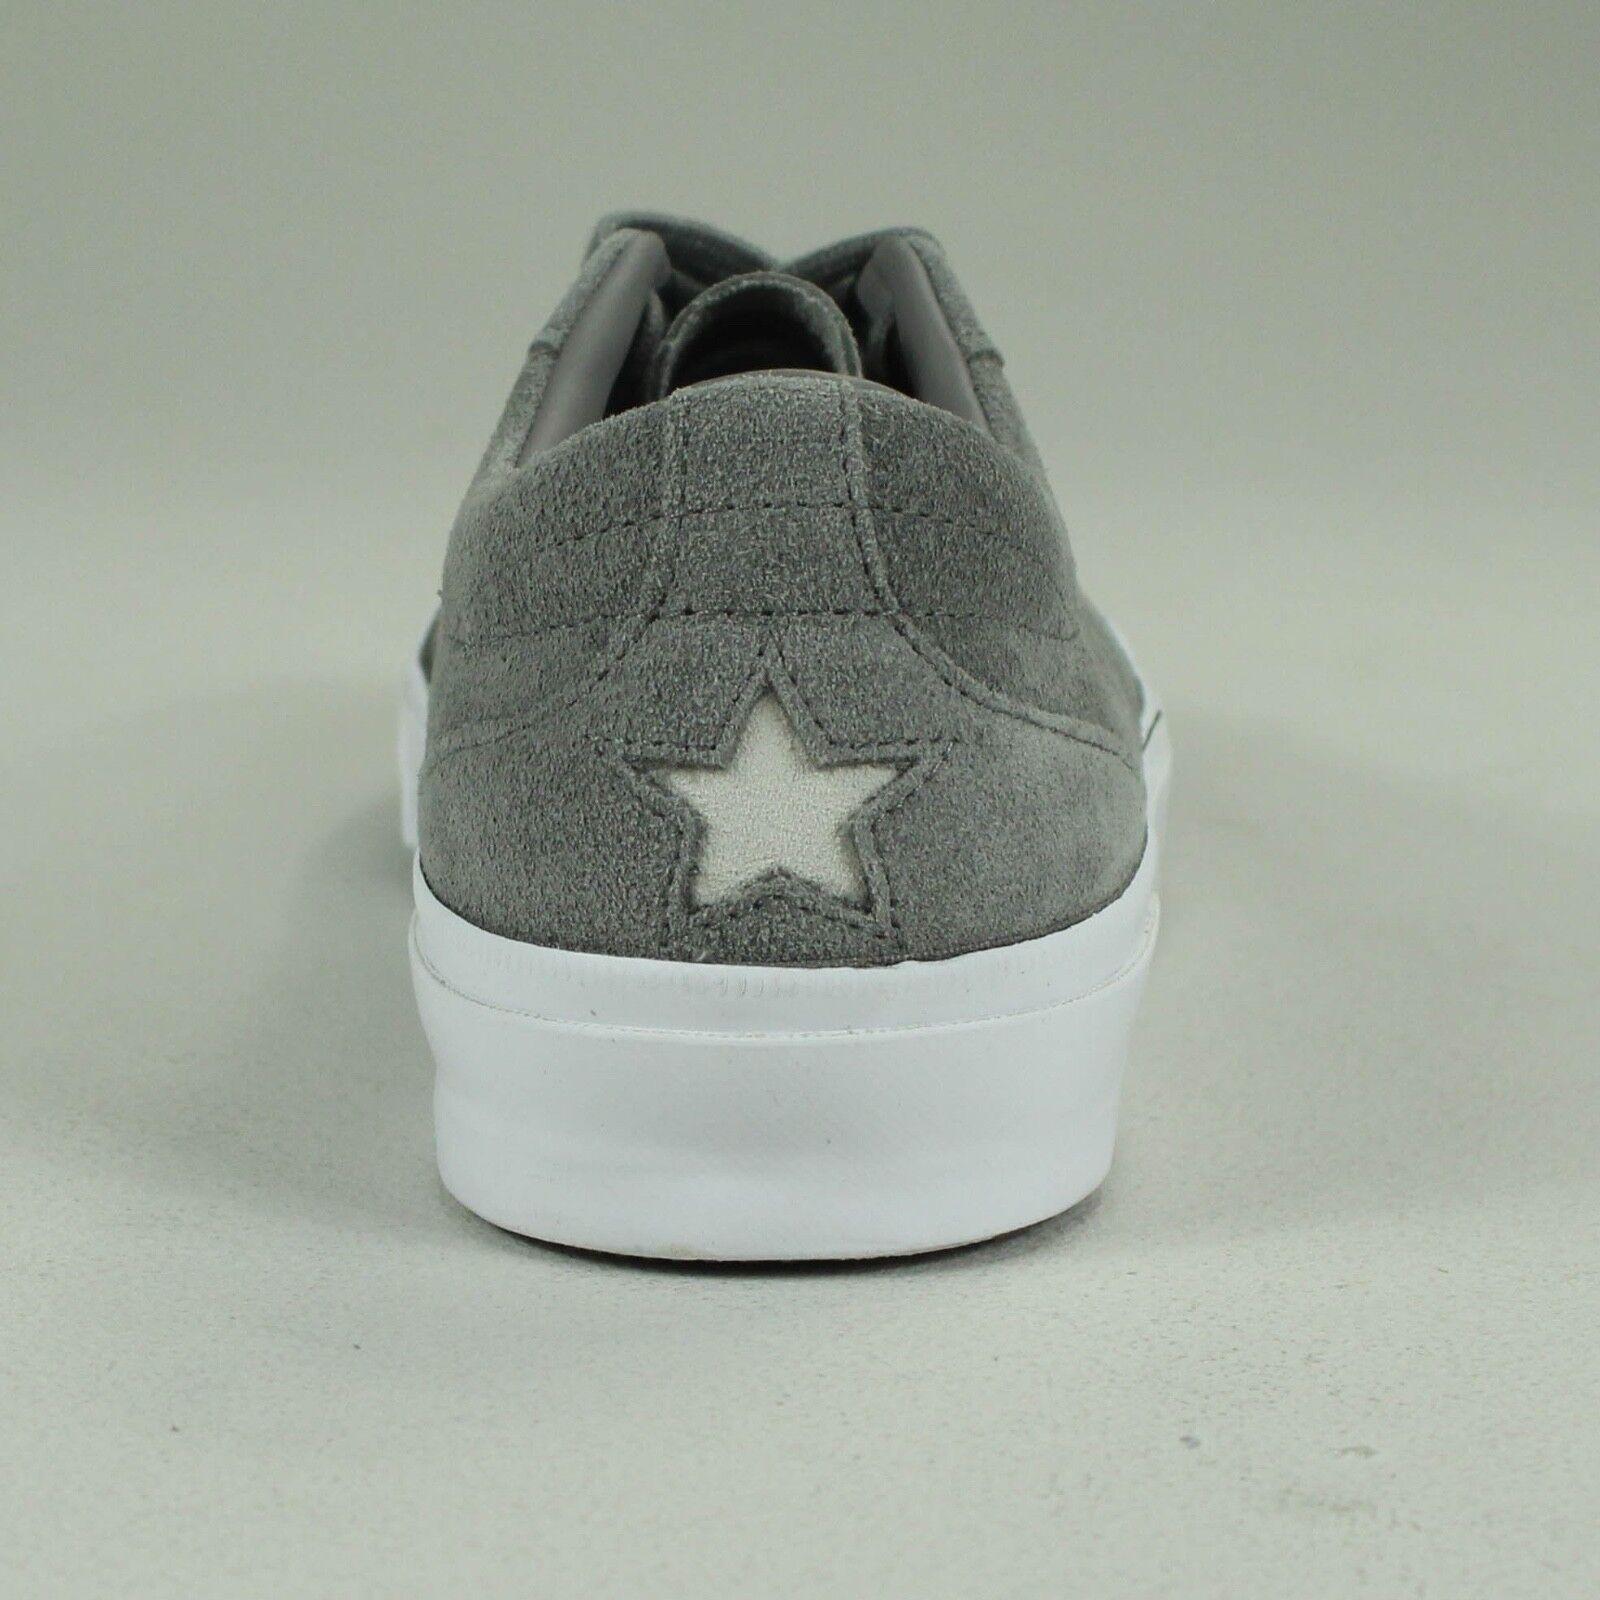 Converse One Star CC CC CC OX Scarpe Da Ginnastica Nuovo in Scatola Taglia 78d794